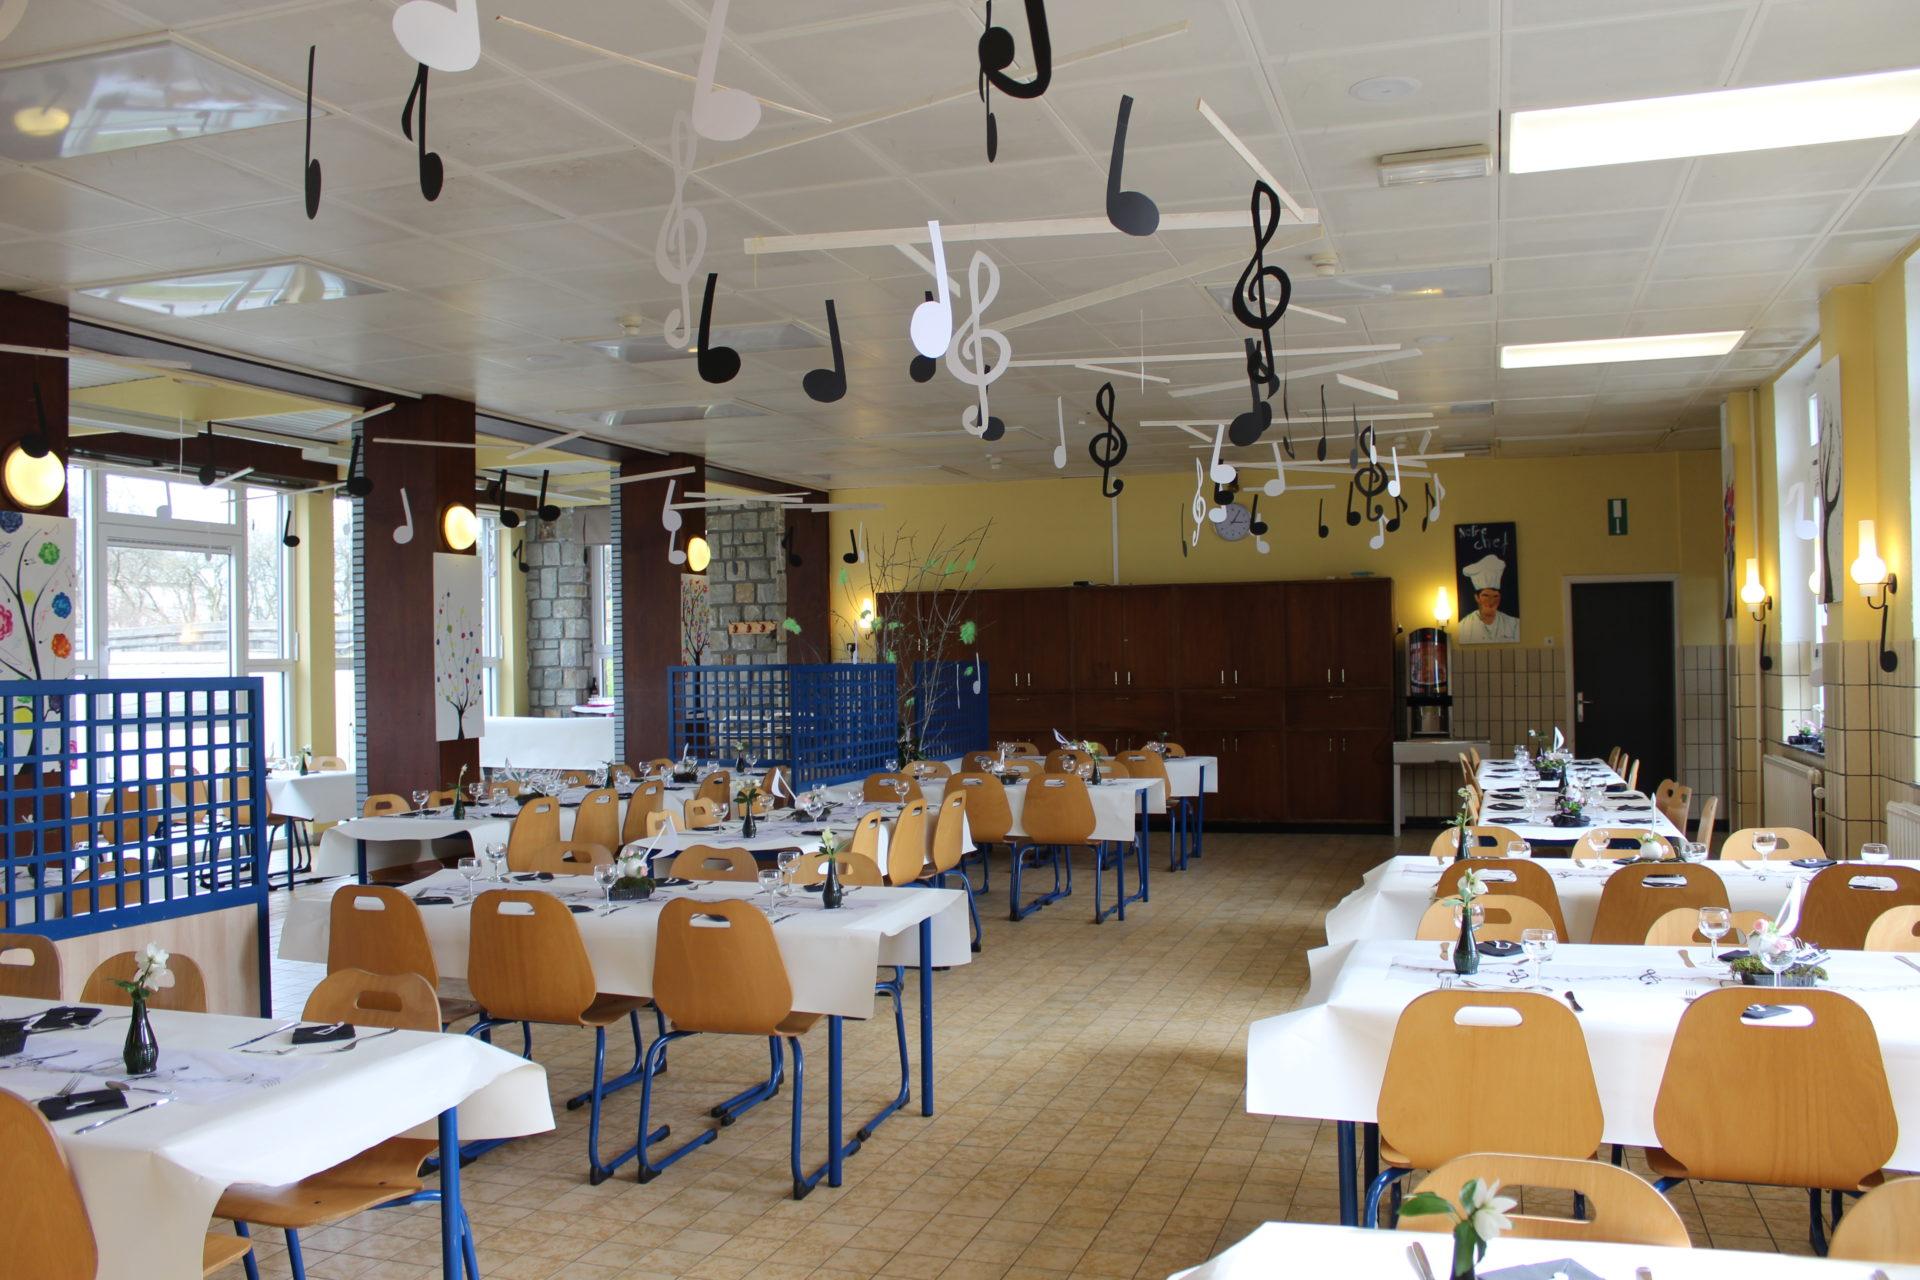 Fête scolaire : décoration du restaurant | Athénée Royal de Waimes